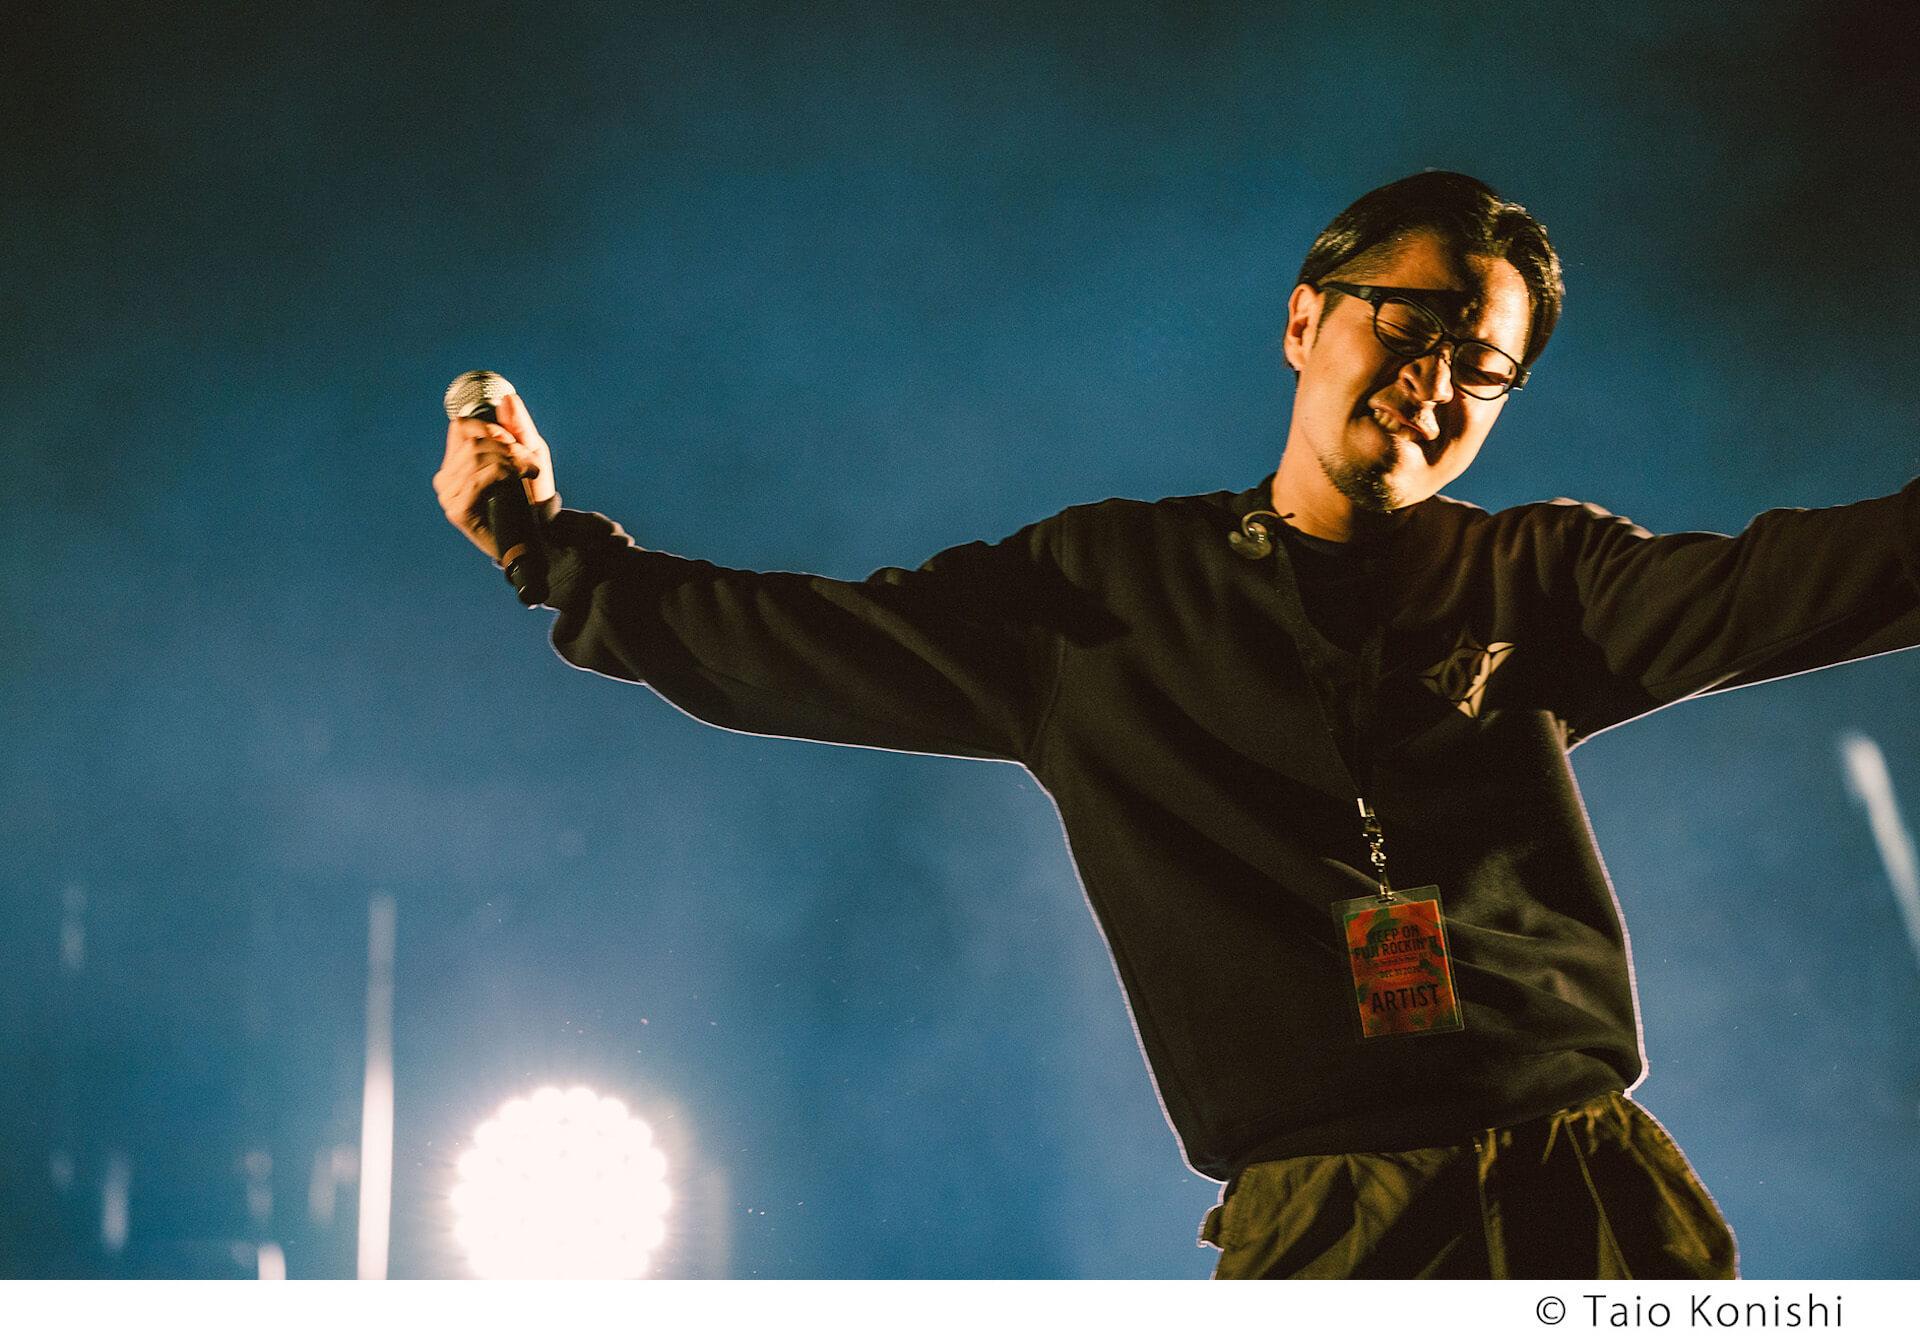 折坂悠太、カネコアヤノ、PUNPEEらが熱演!<KEEP ON FUJI ROCKIN' II >のオフィシャルレポートが公開 music210107_fujirock-016